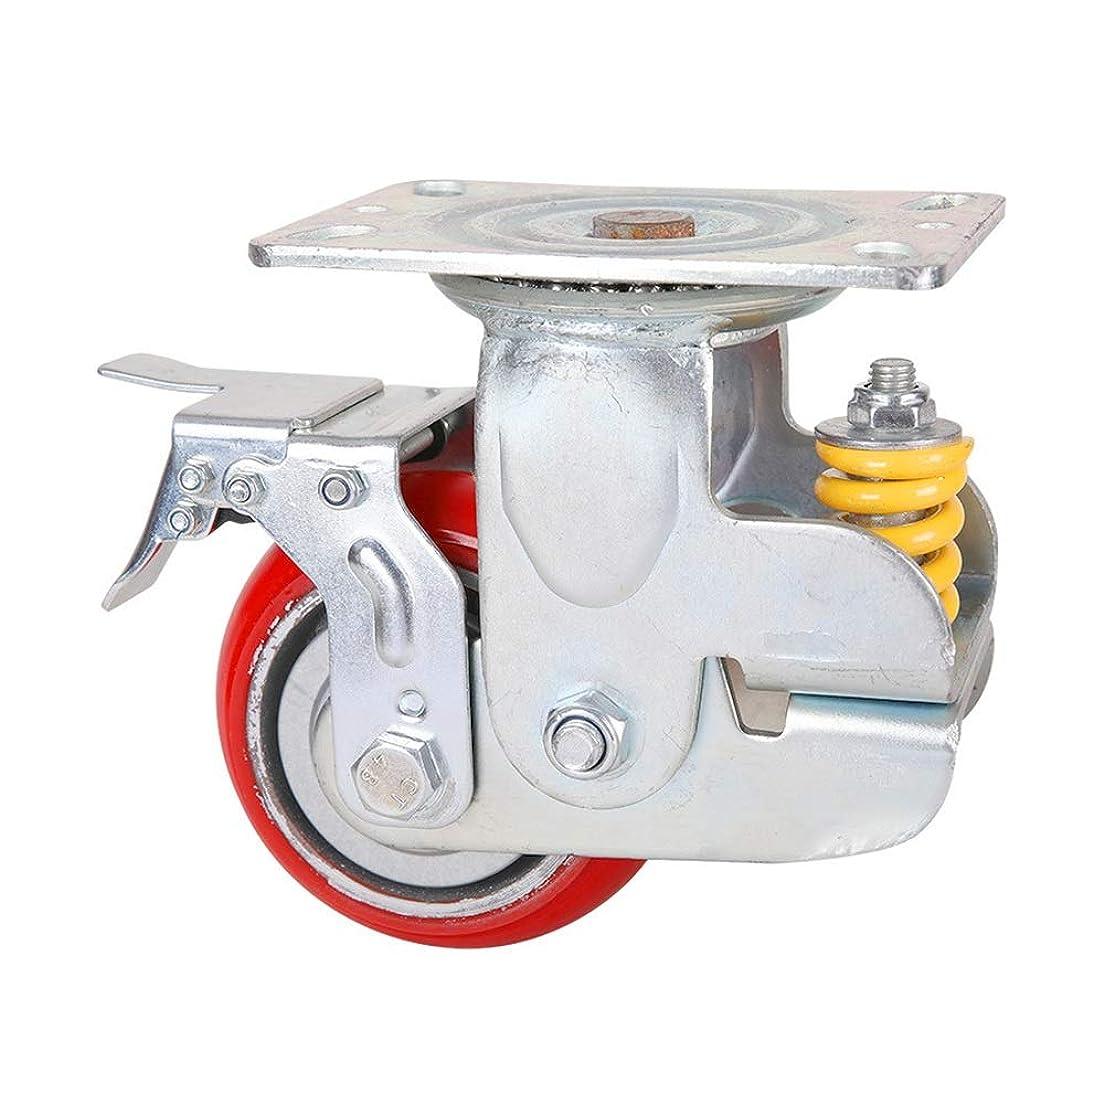 振る原点反動車輪キャスター 125ミリメートルダンピングユニバーサルホイールで春耐震キャスター 自在車 キャスター (Color : Red, Size : 5in)